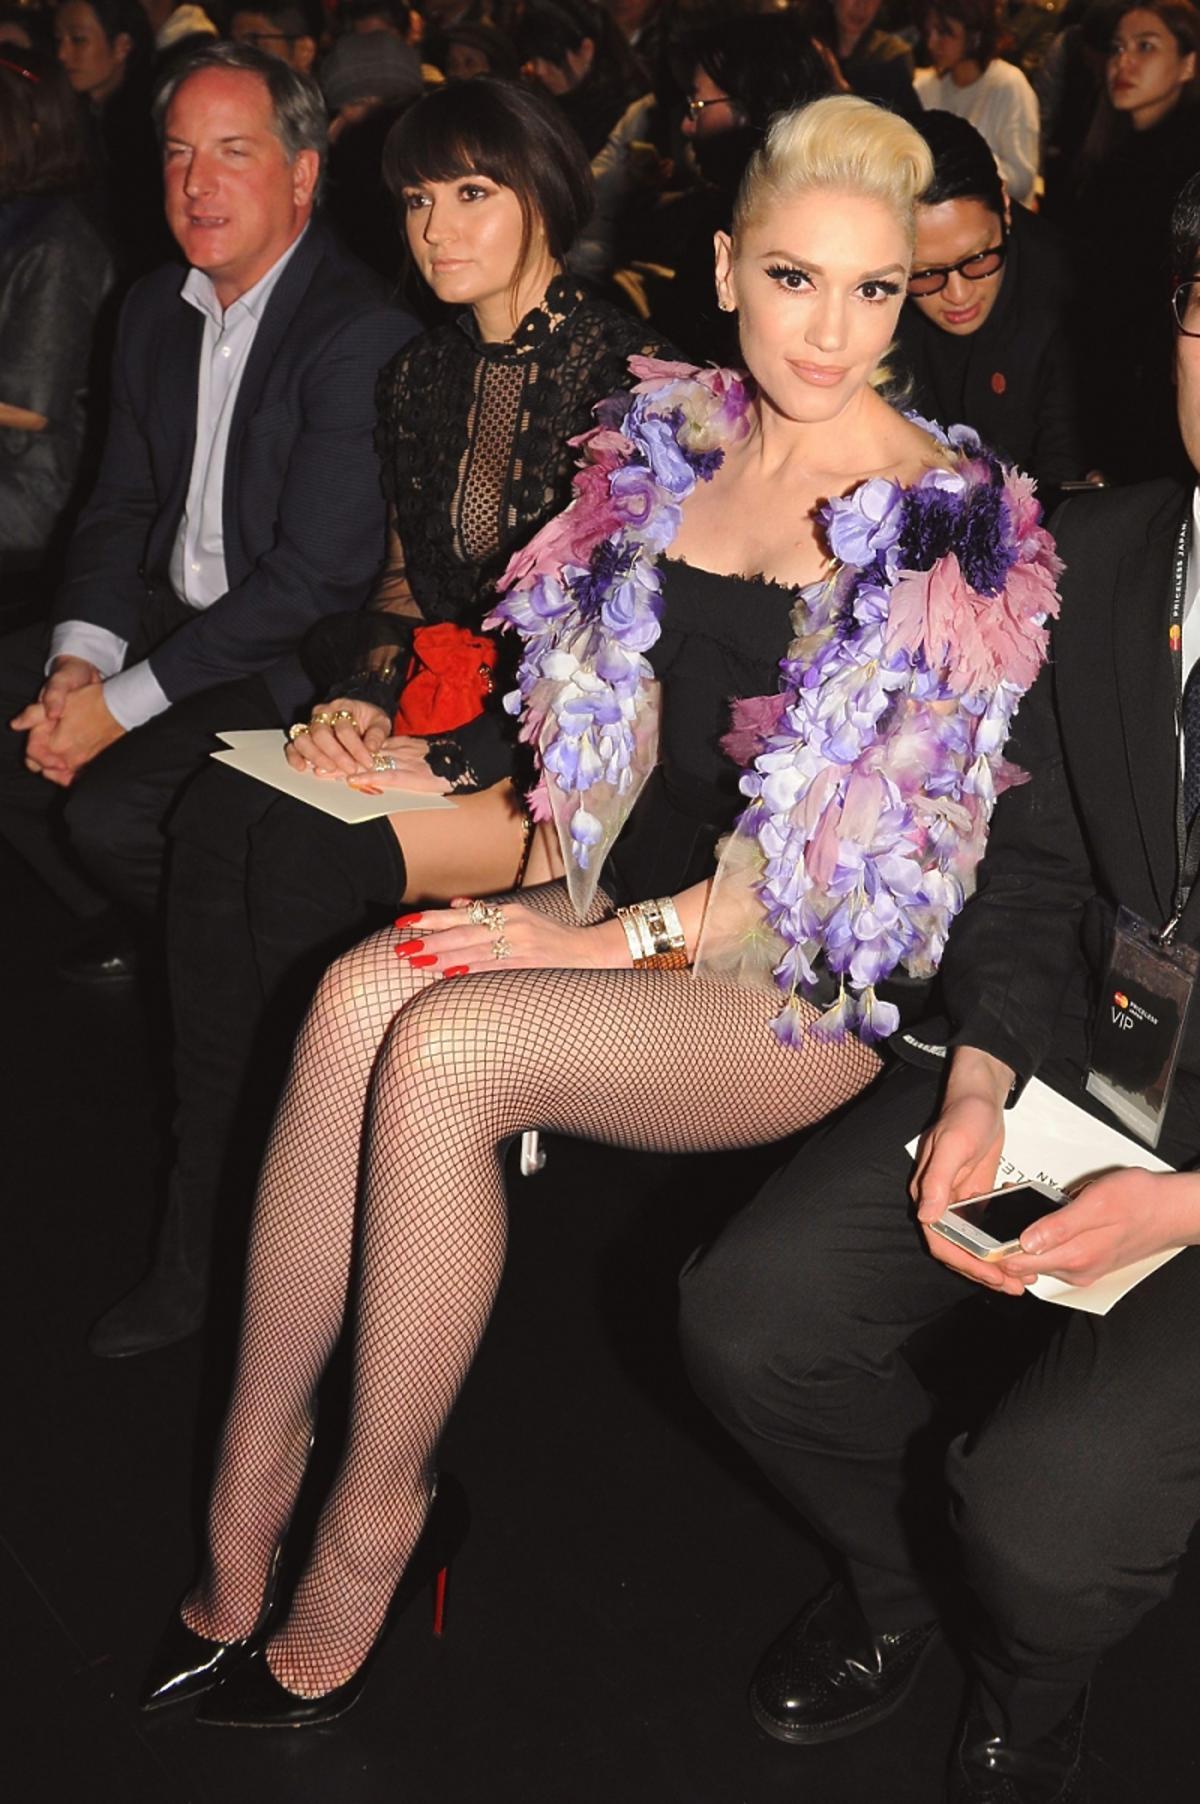 Gwen Stefani w różowych piórach i kabaretkach siedzi na widowni